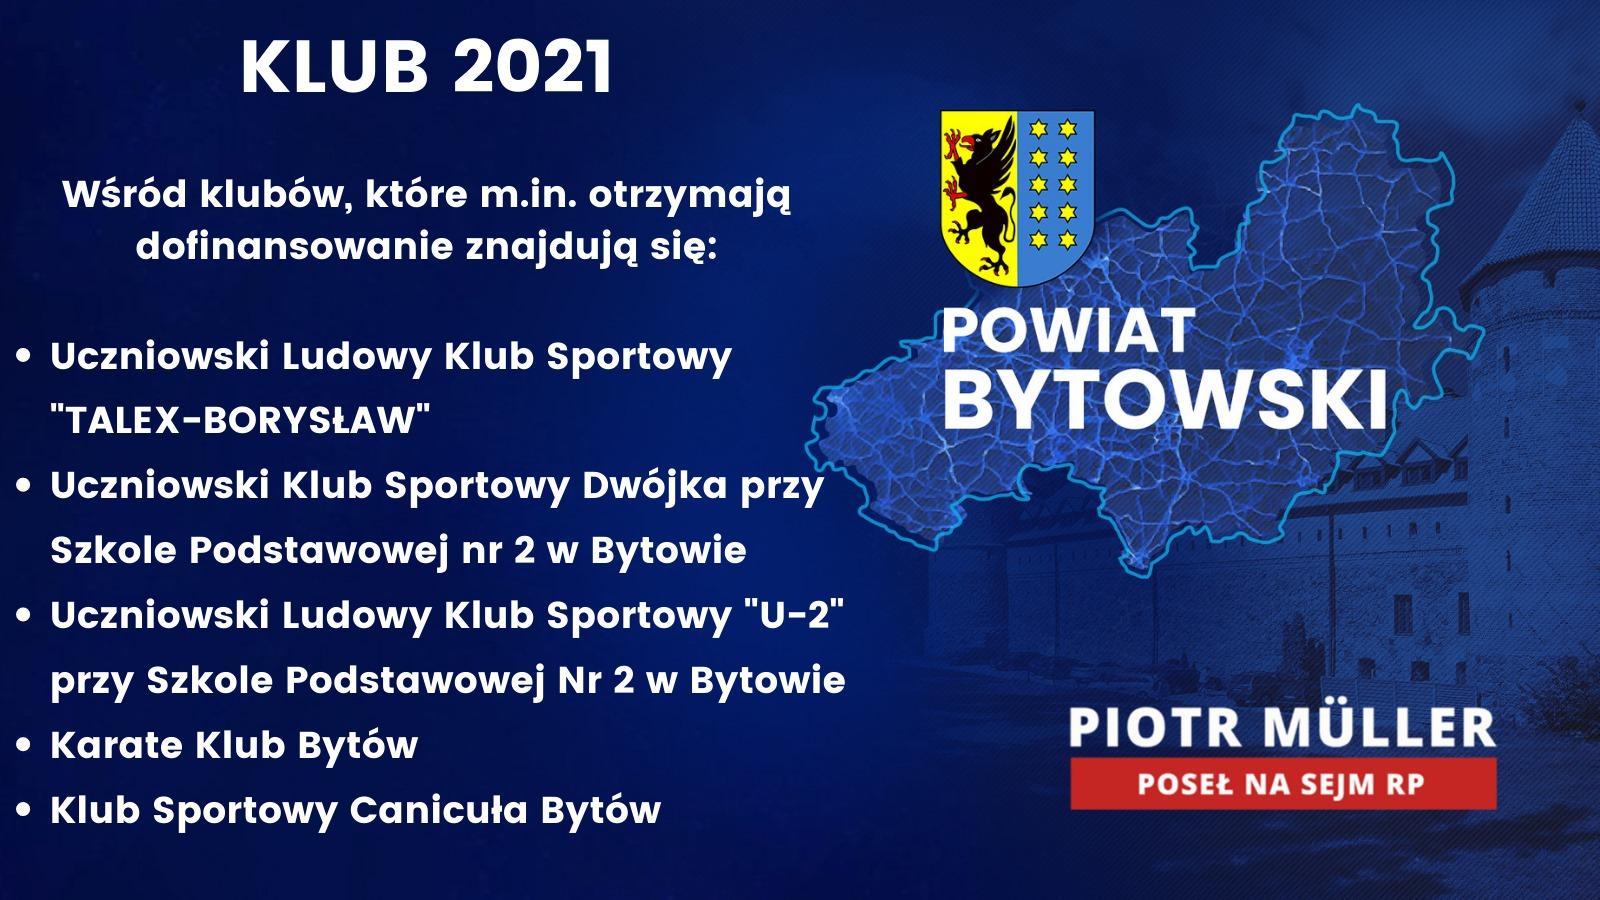 W regionie bytowskim wsparcie otrzyma 13 małych i średnich klubów sportowych. Dofinansowanie zapewnione jest w ramach środków z Rządowego Programu KLUB!